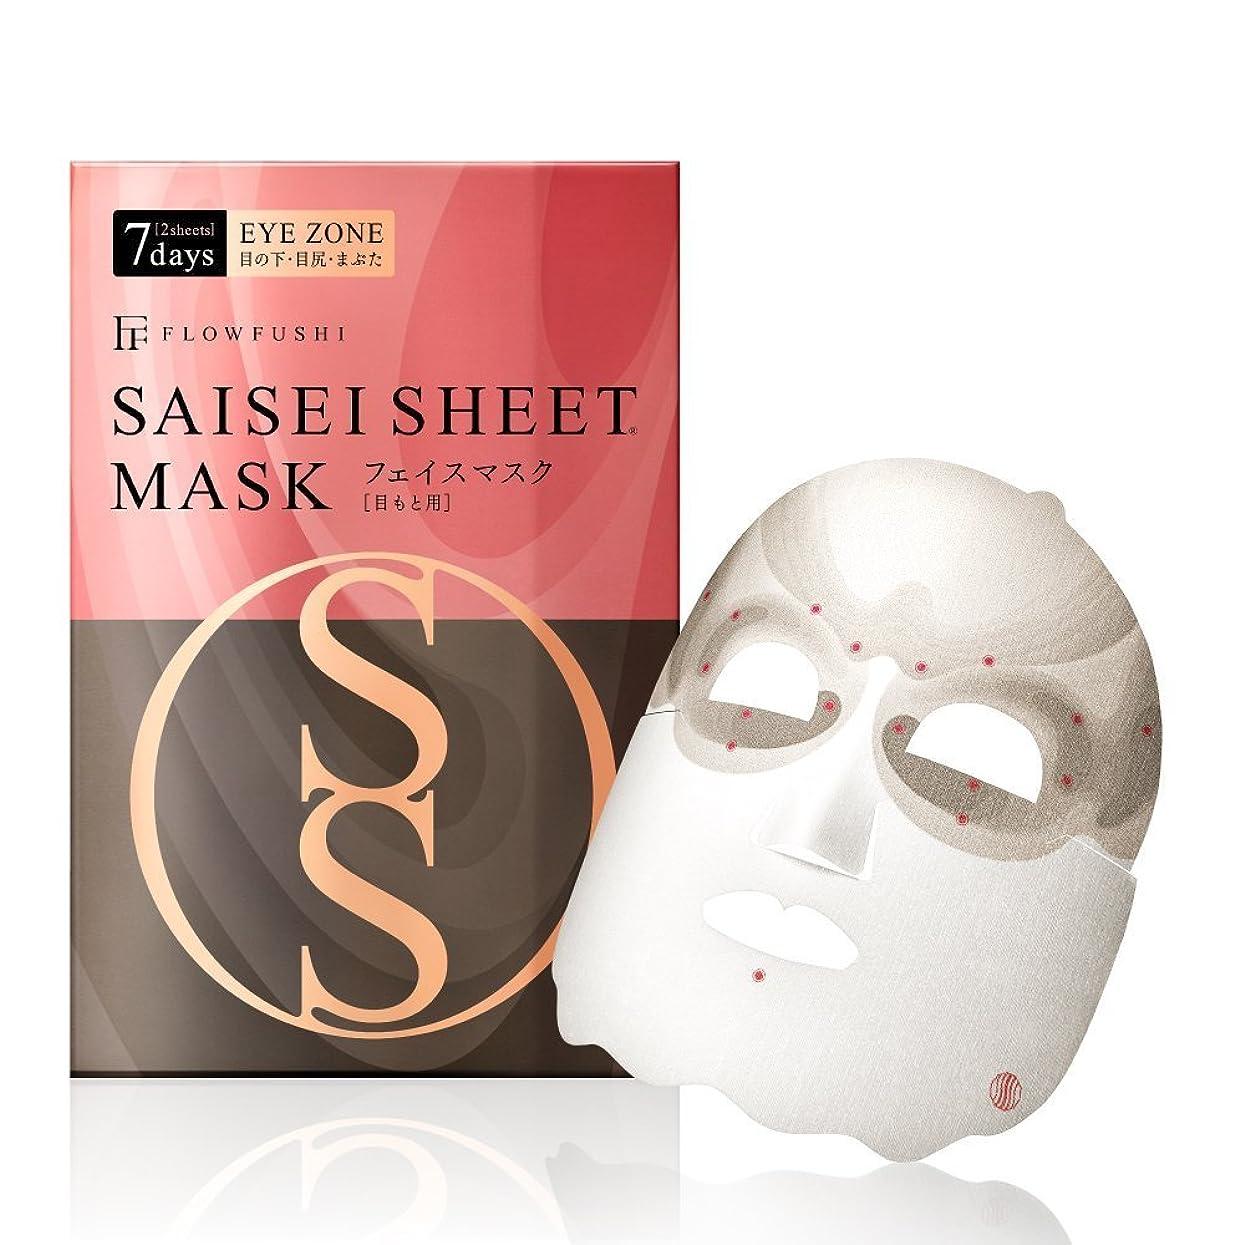 宇宙飛行士おとなしい弱めるSAISEIシート マスク [目もと用] 7days 2sheets